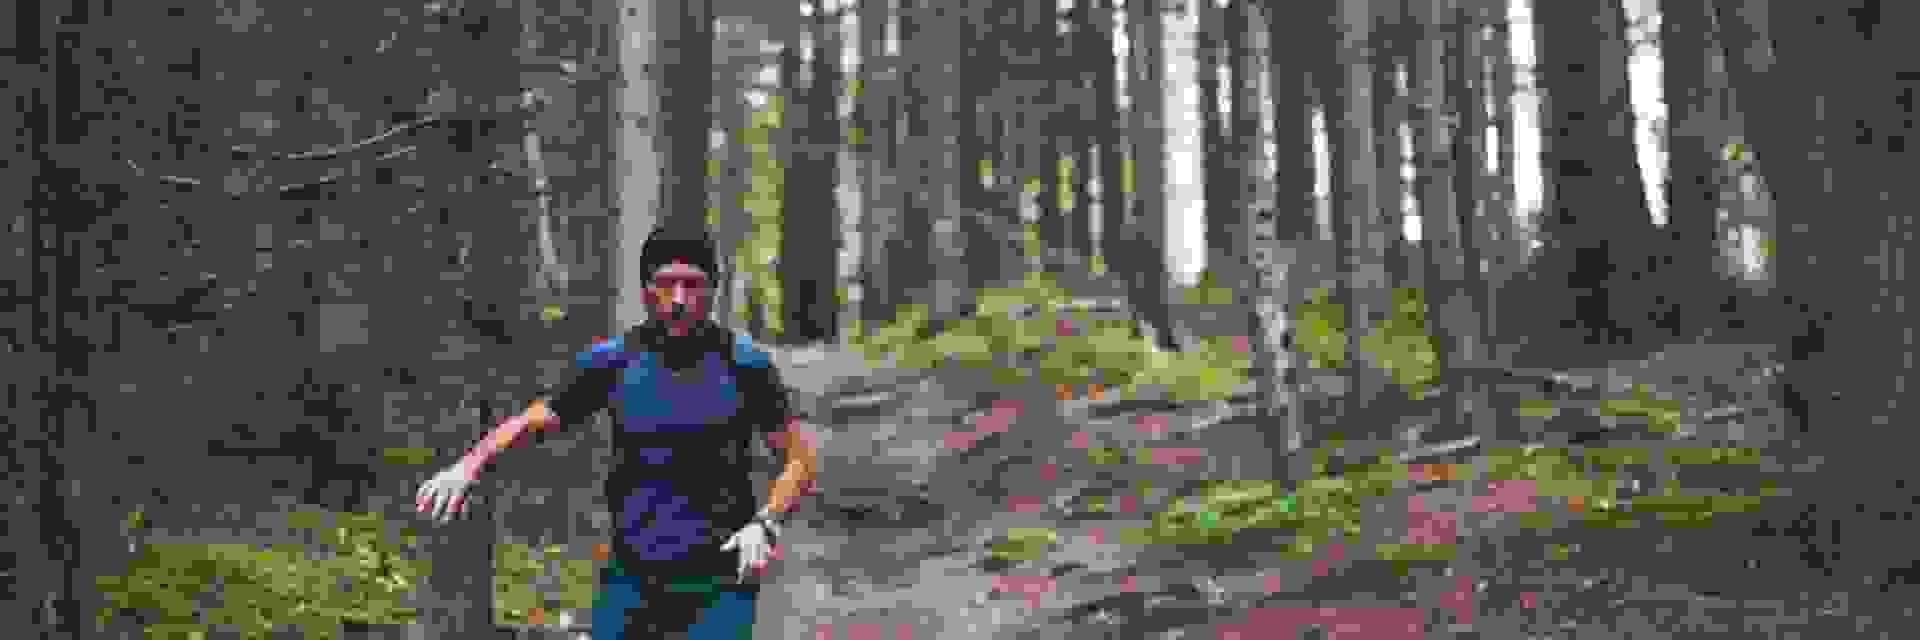 Ein Mann beim Trailrunning in einem Wald.